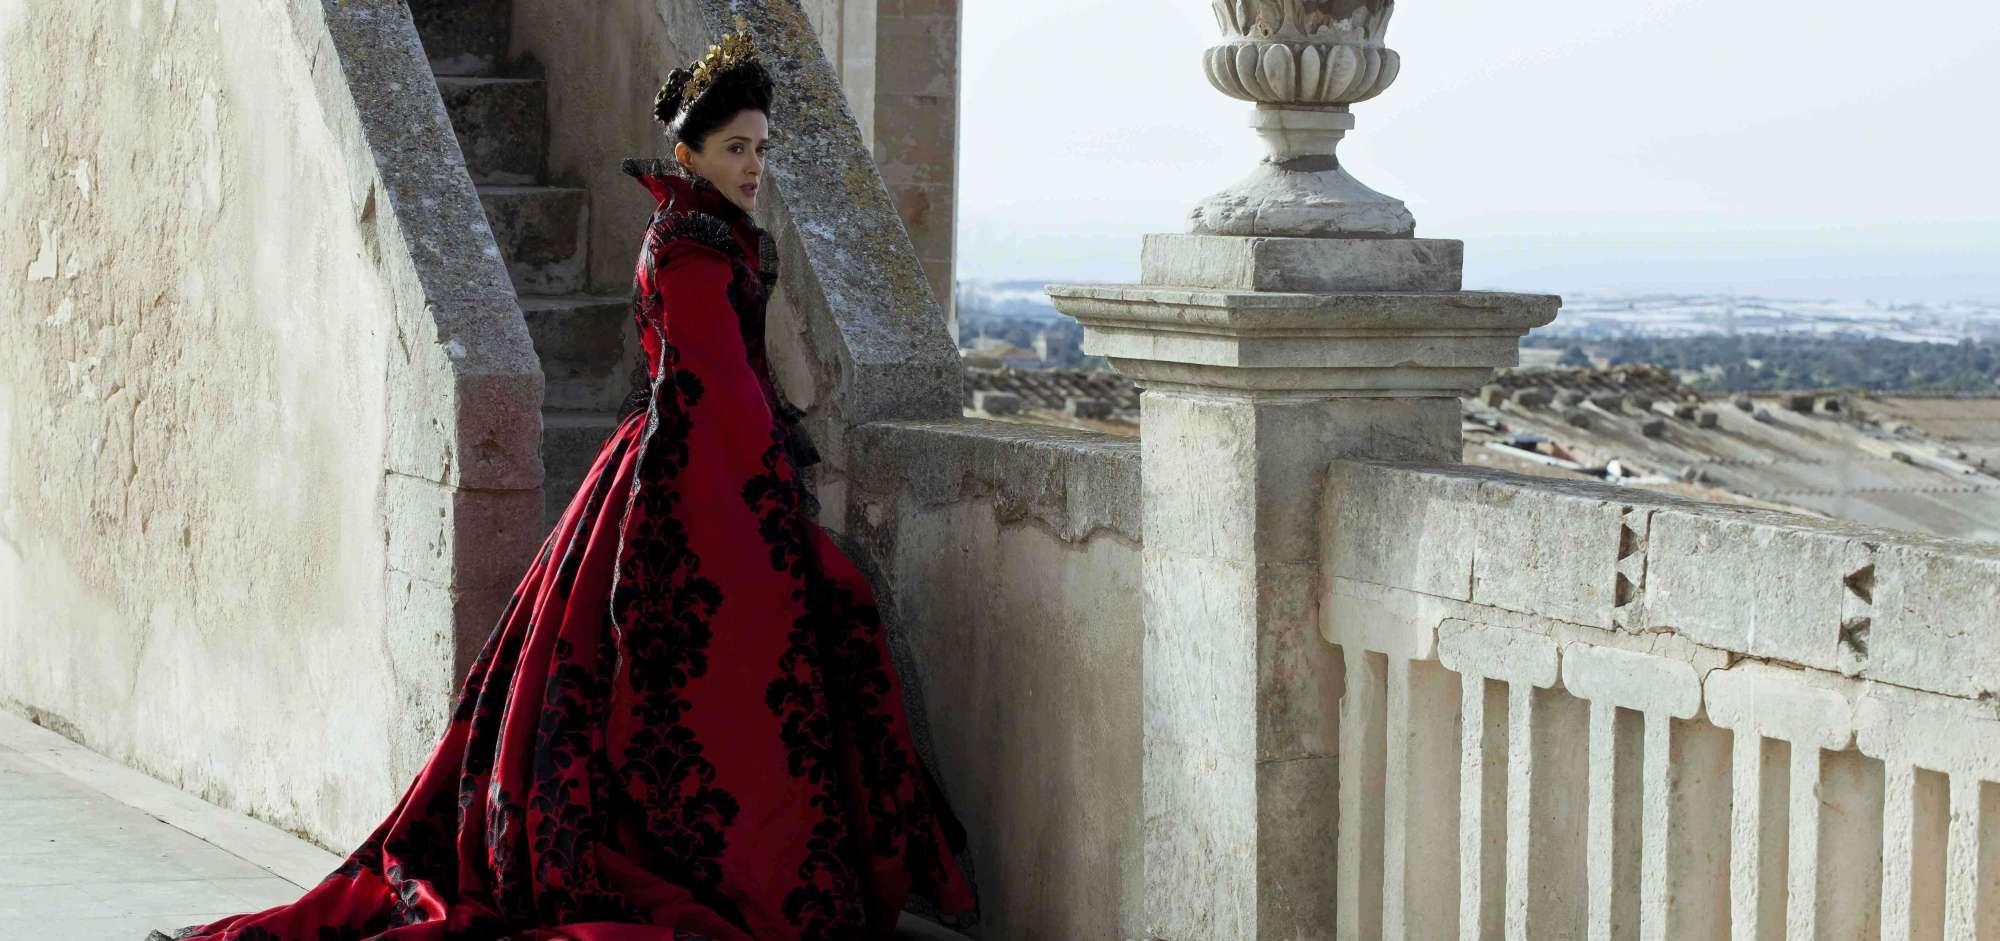 Of Tirelli Racconto Il Racconti Dei Tales Costumi Tale dxhQtCosrB